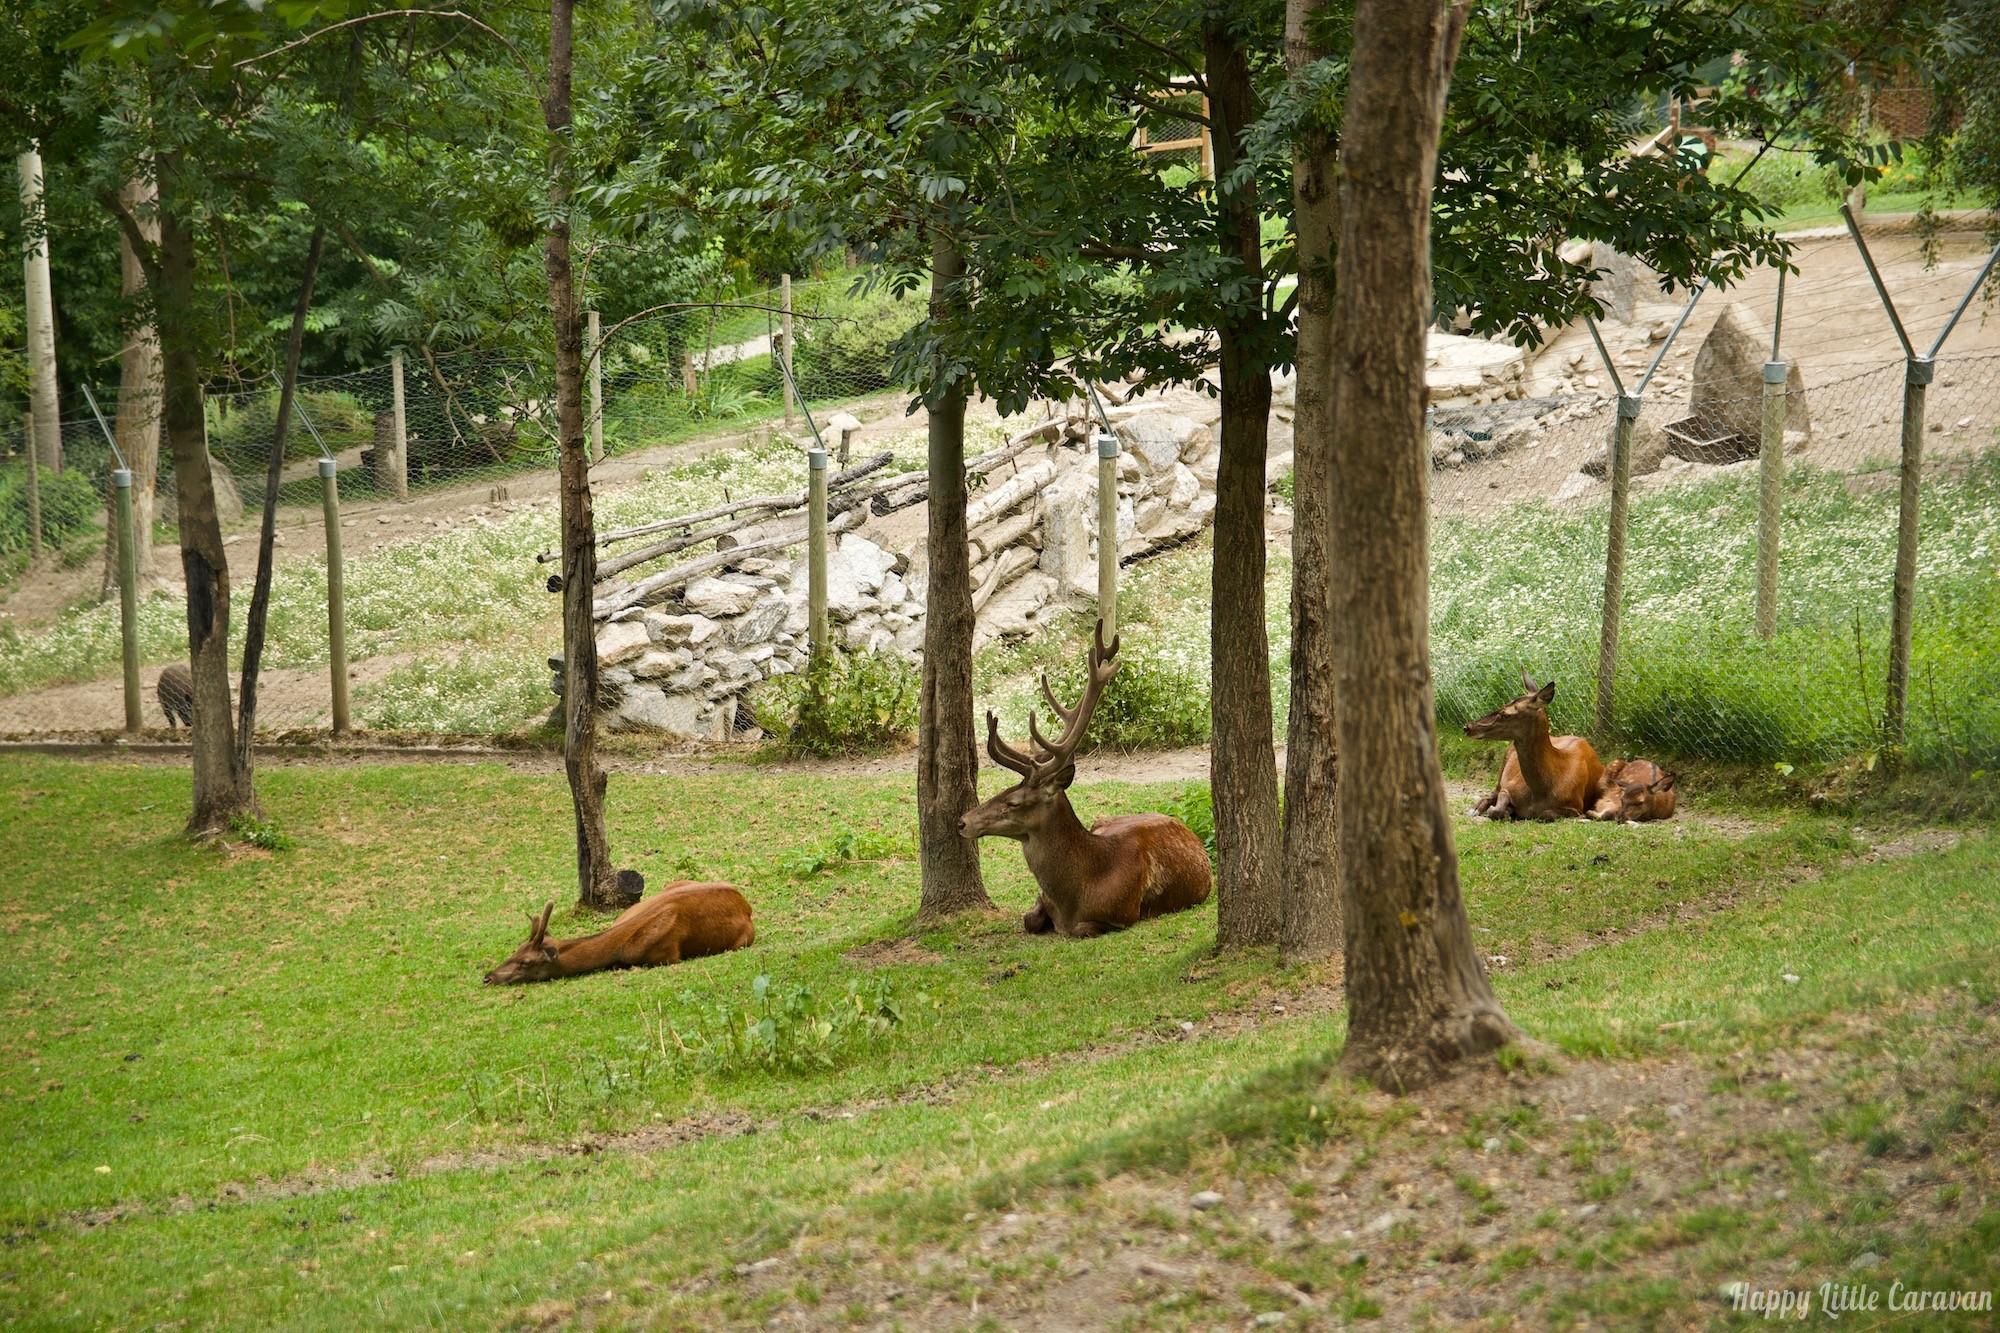 Parc Animalier d'Introd - zoo Valle d'Aosta - Cervi